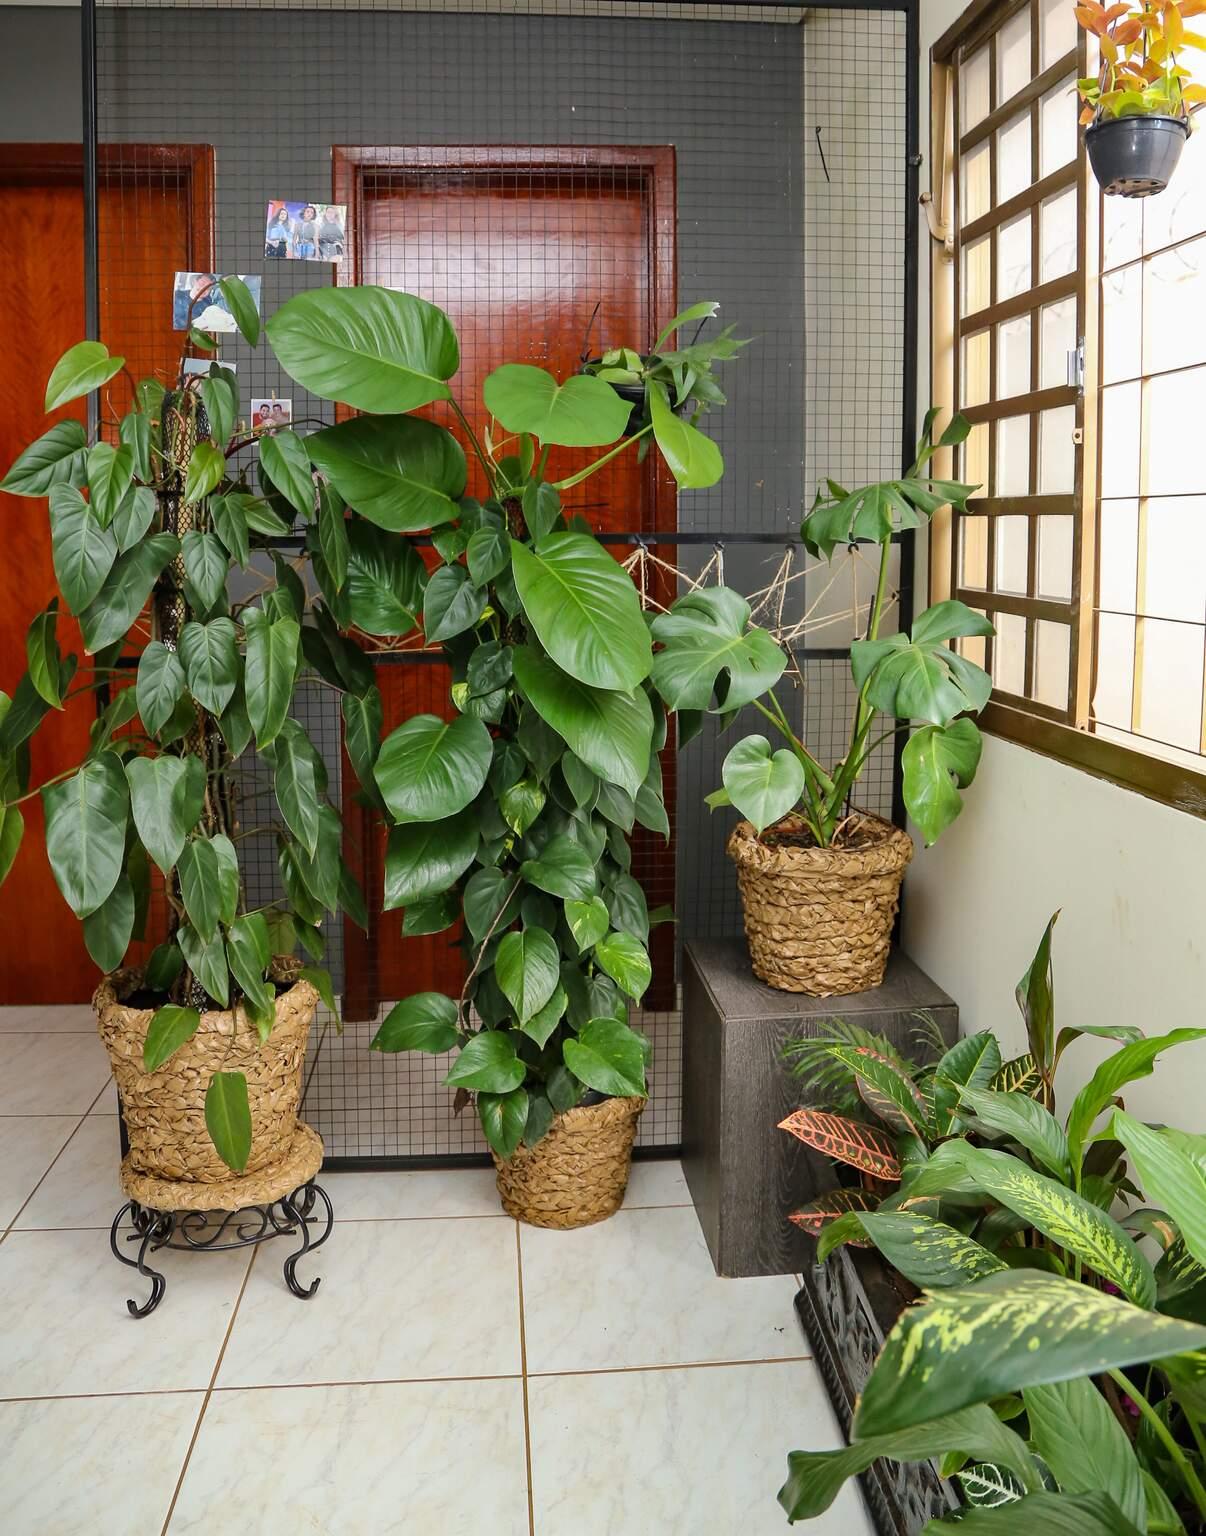 Cantinho da casa cheio de plantas. (Foto: Kísie Ainoã)